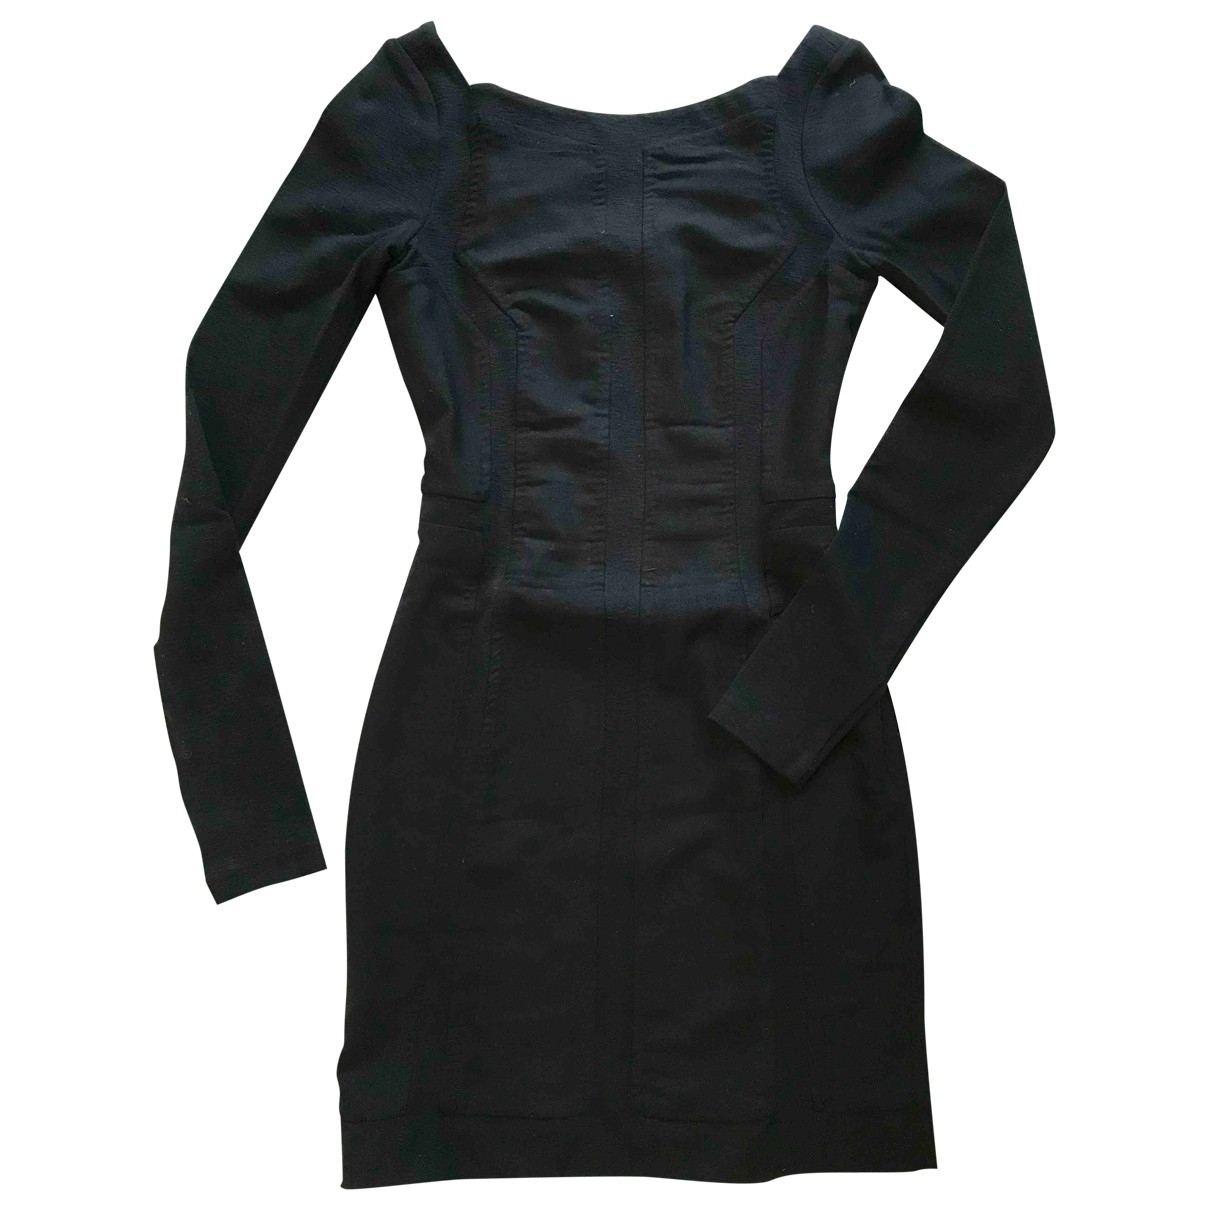 Diane Von Furstenberg \N Black Cotton dress for Women 36 FR